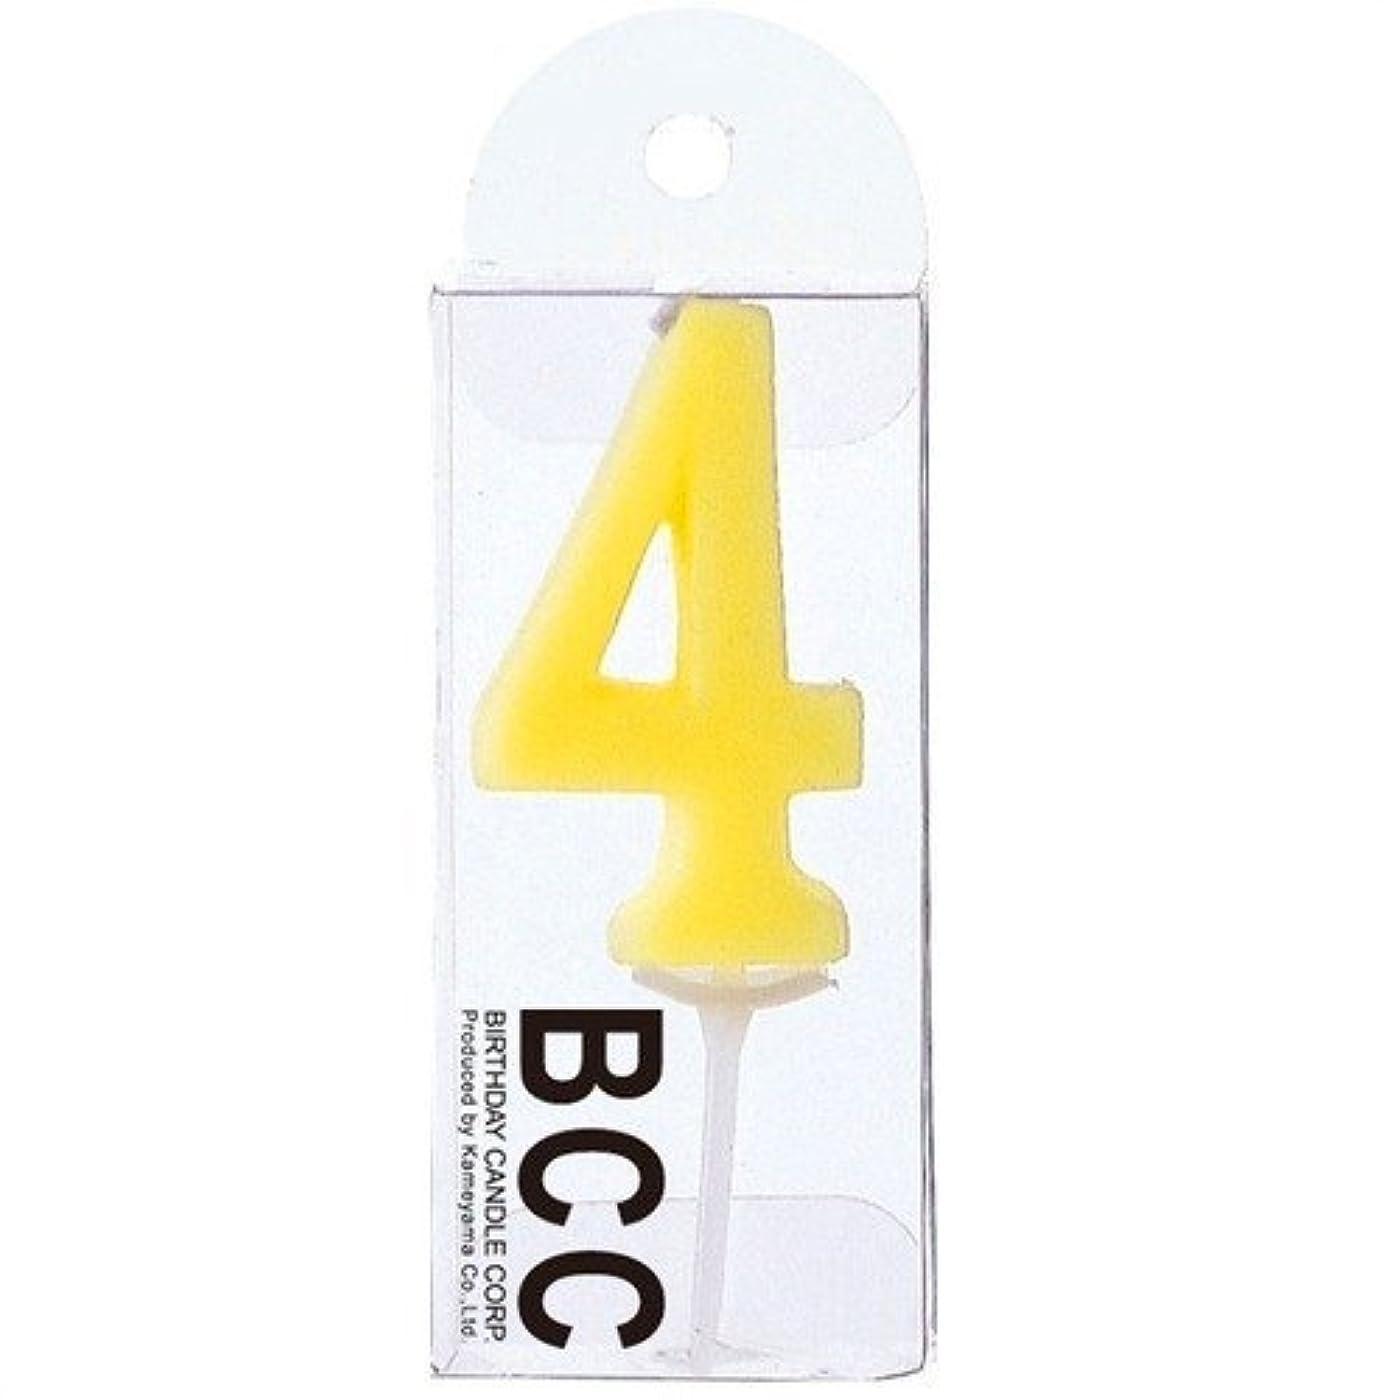 不透明な調べる梨ナンバーキャンドルパステル4番 「 アイボリー 」 3個セット